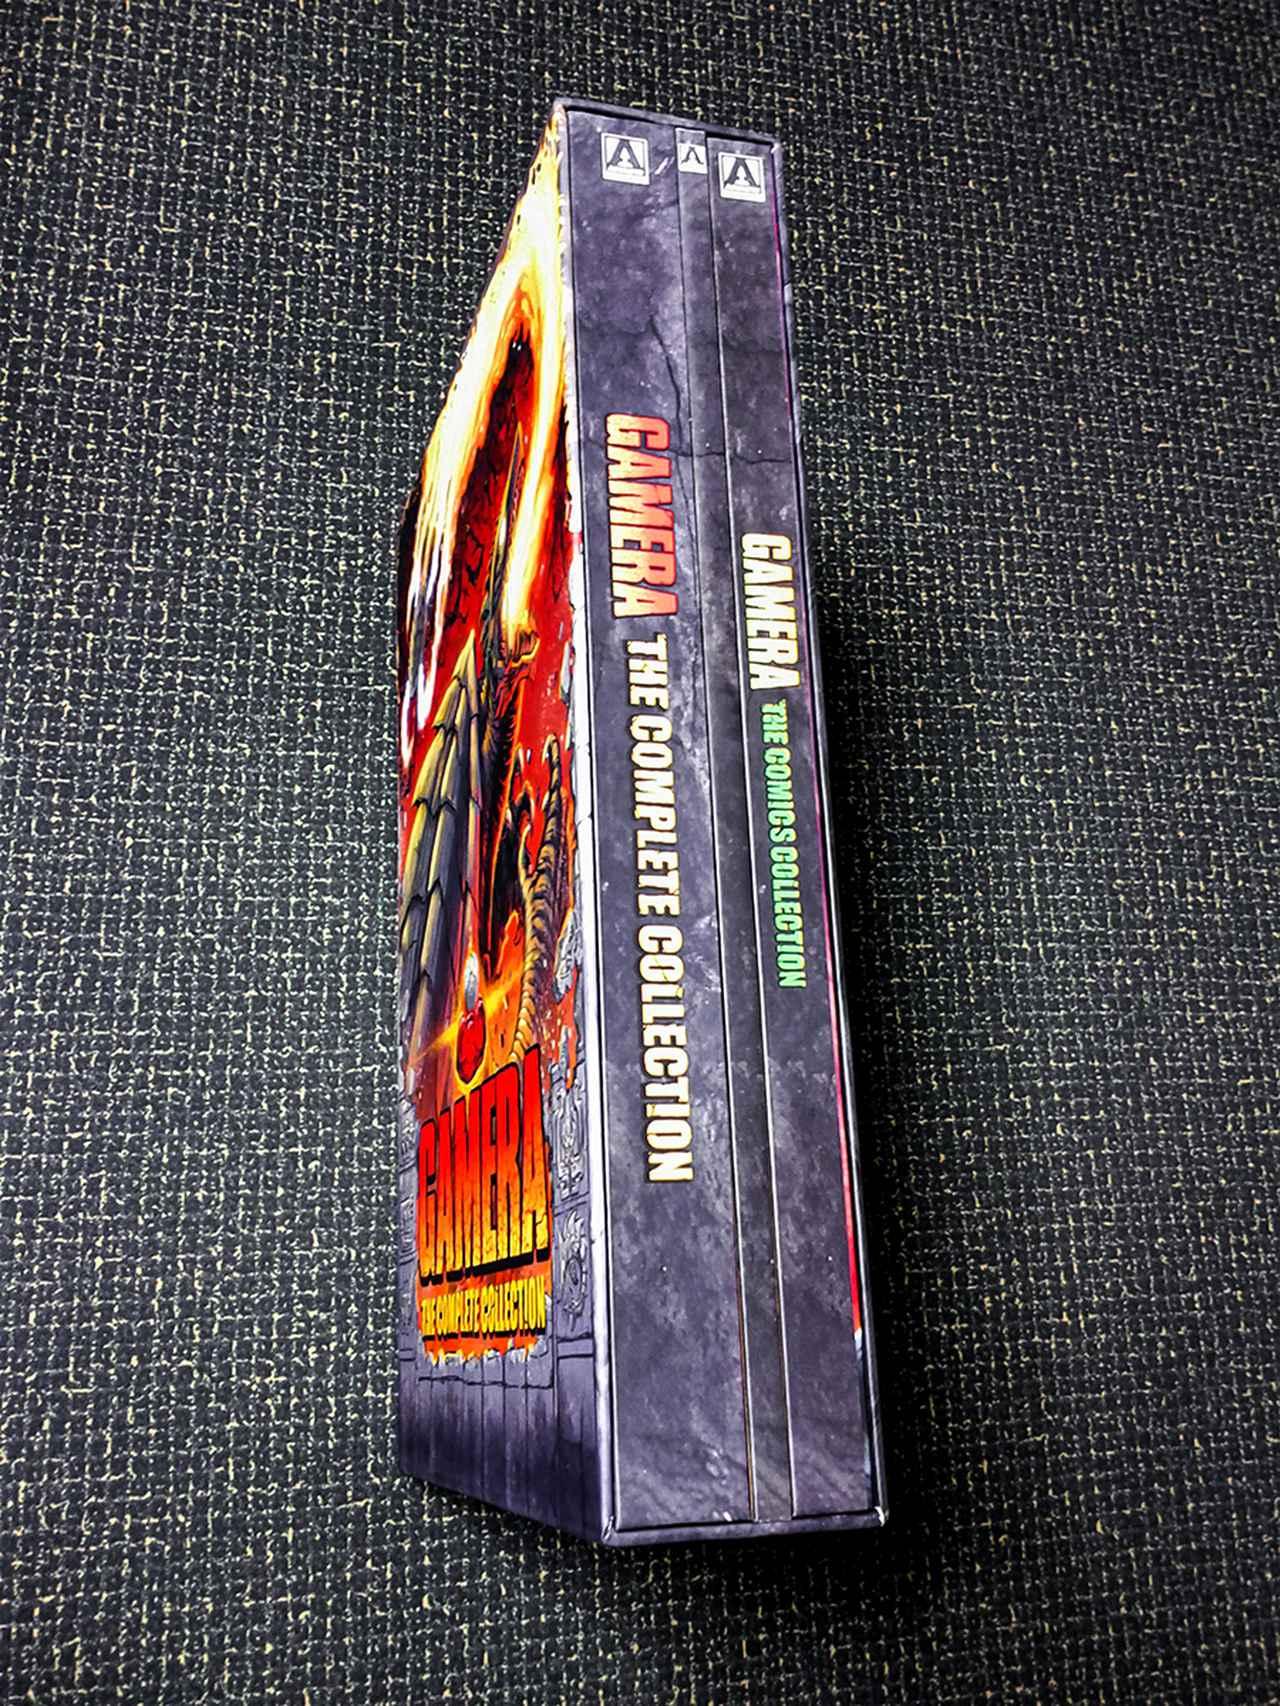 画像: SLIPBOXに収まるのは、ハードカバー仕様のDIGIBOOK(DISCは2枚ずつ収納/各作品のポストカードを所収)、80ページのガメラ・シリーズ解説ハードカバーブック、120ページのハードカバー・コミックブック。